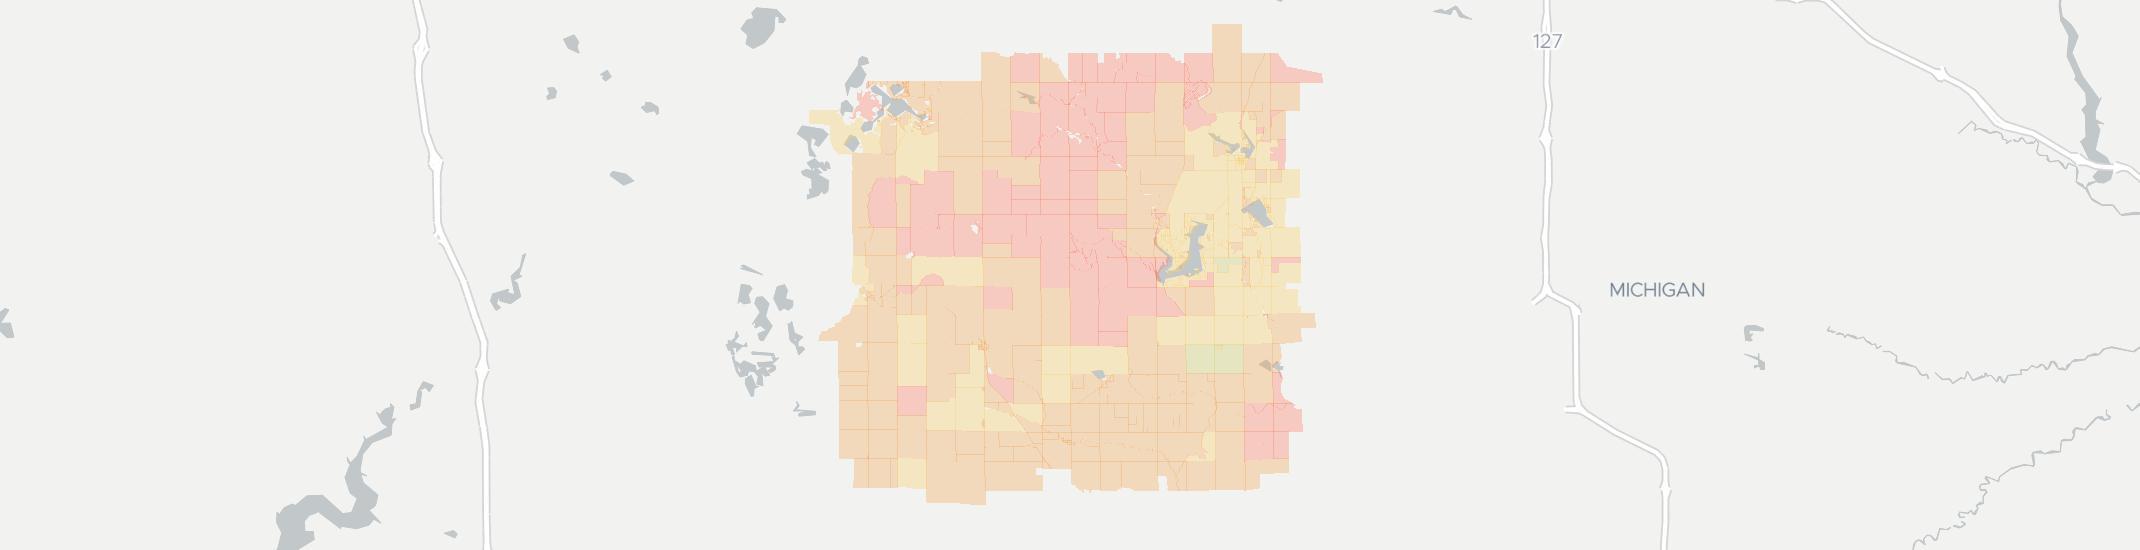 Remus Michigan Map.Internet Providers In Remus Compare 13 Providers Broadbandnow Com